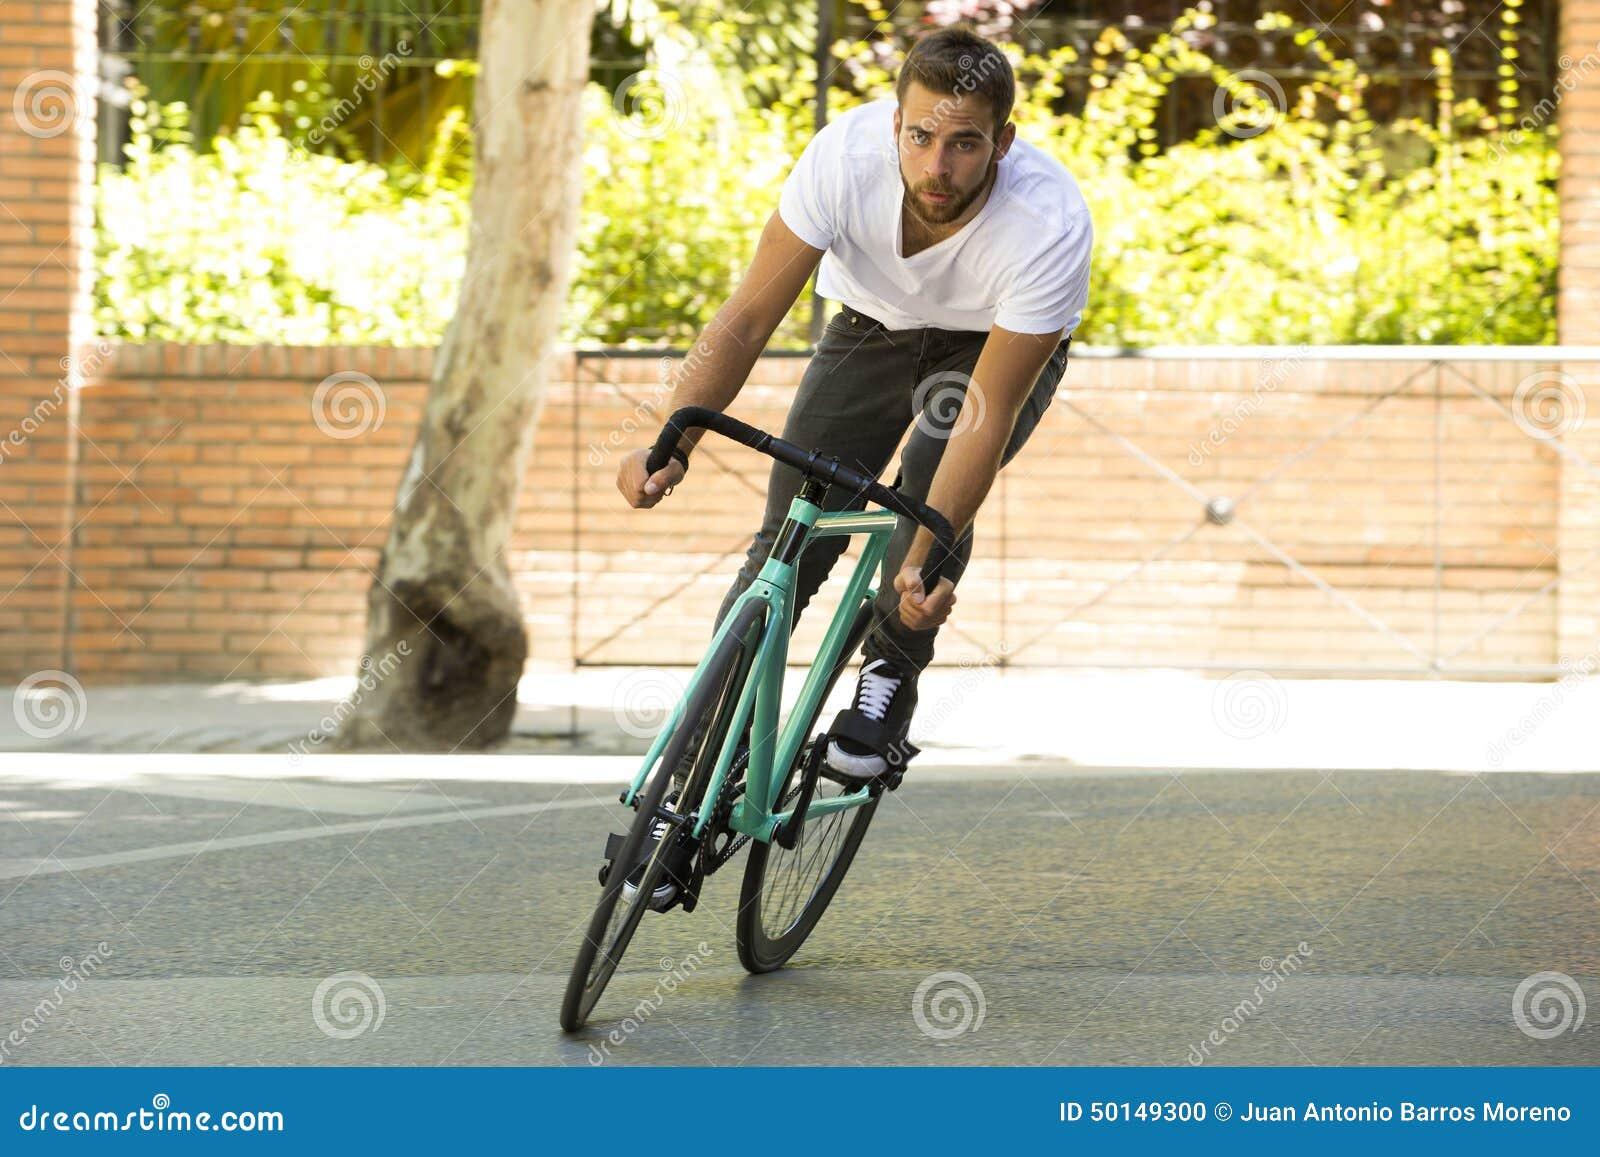 Велосипед спорта шестерни человека велосипедиста ехать фиксированный